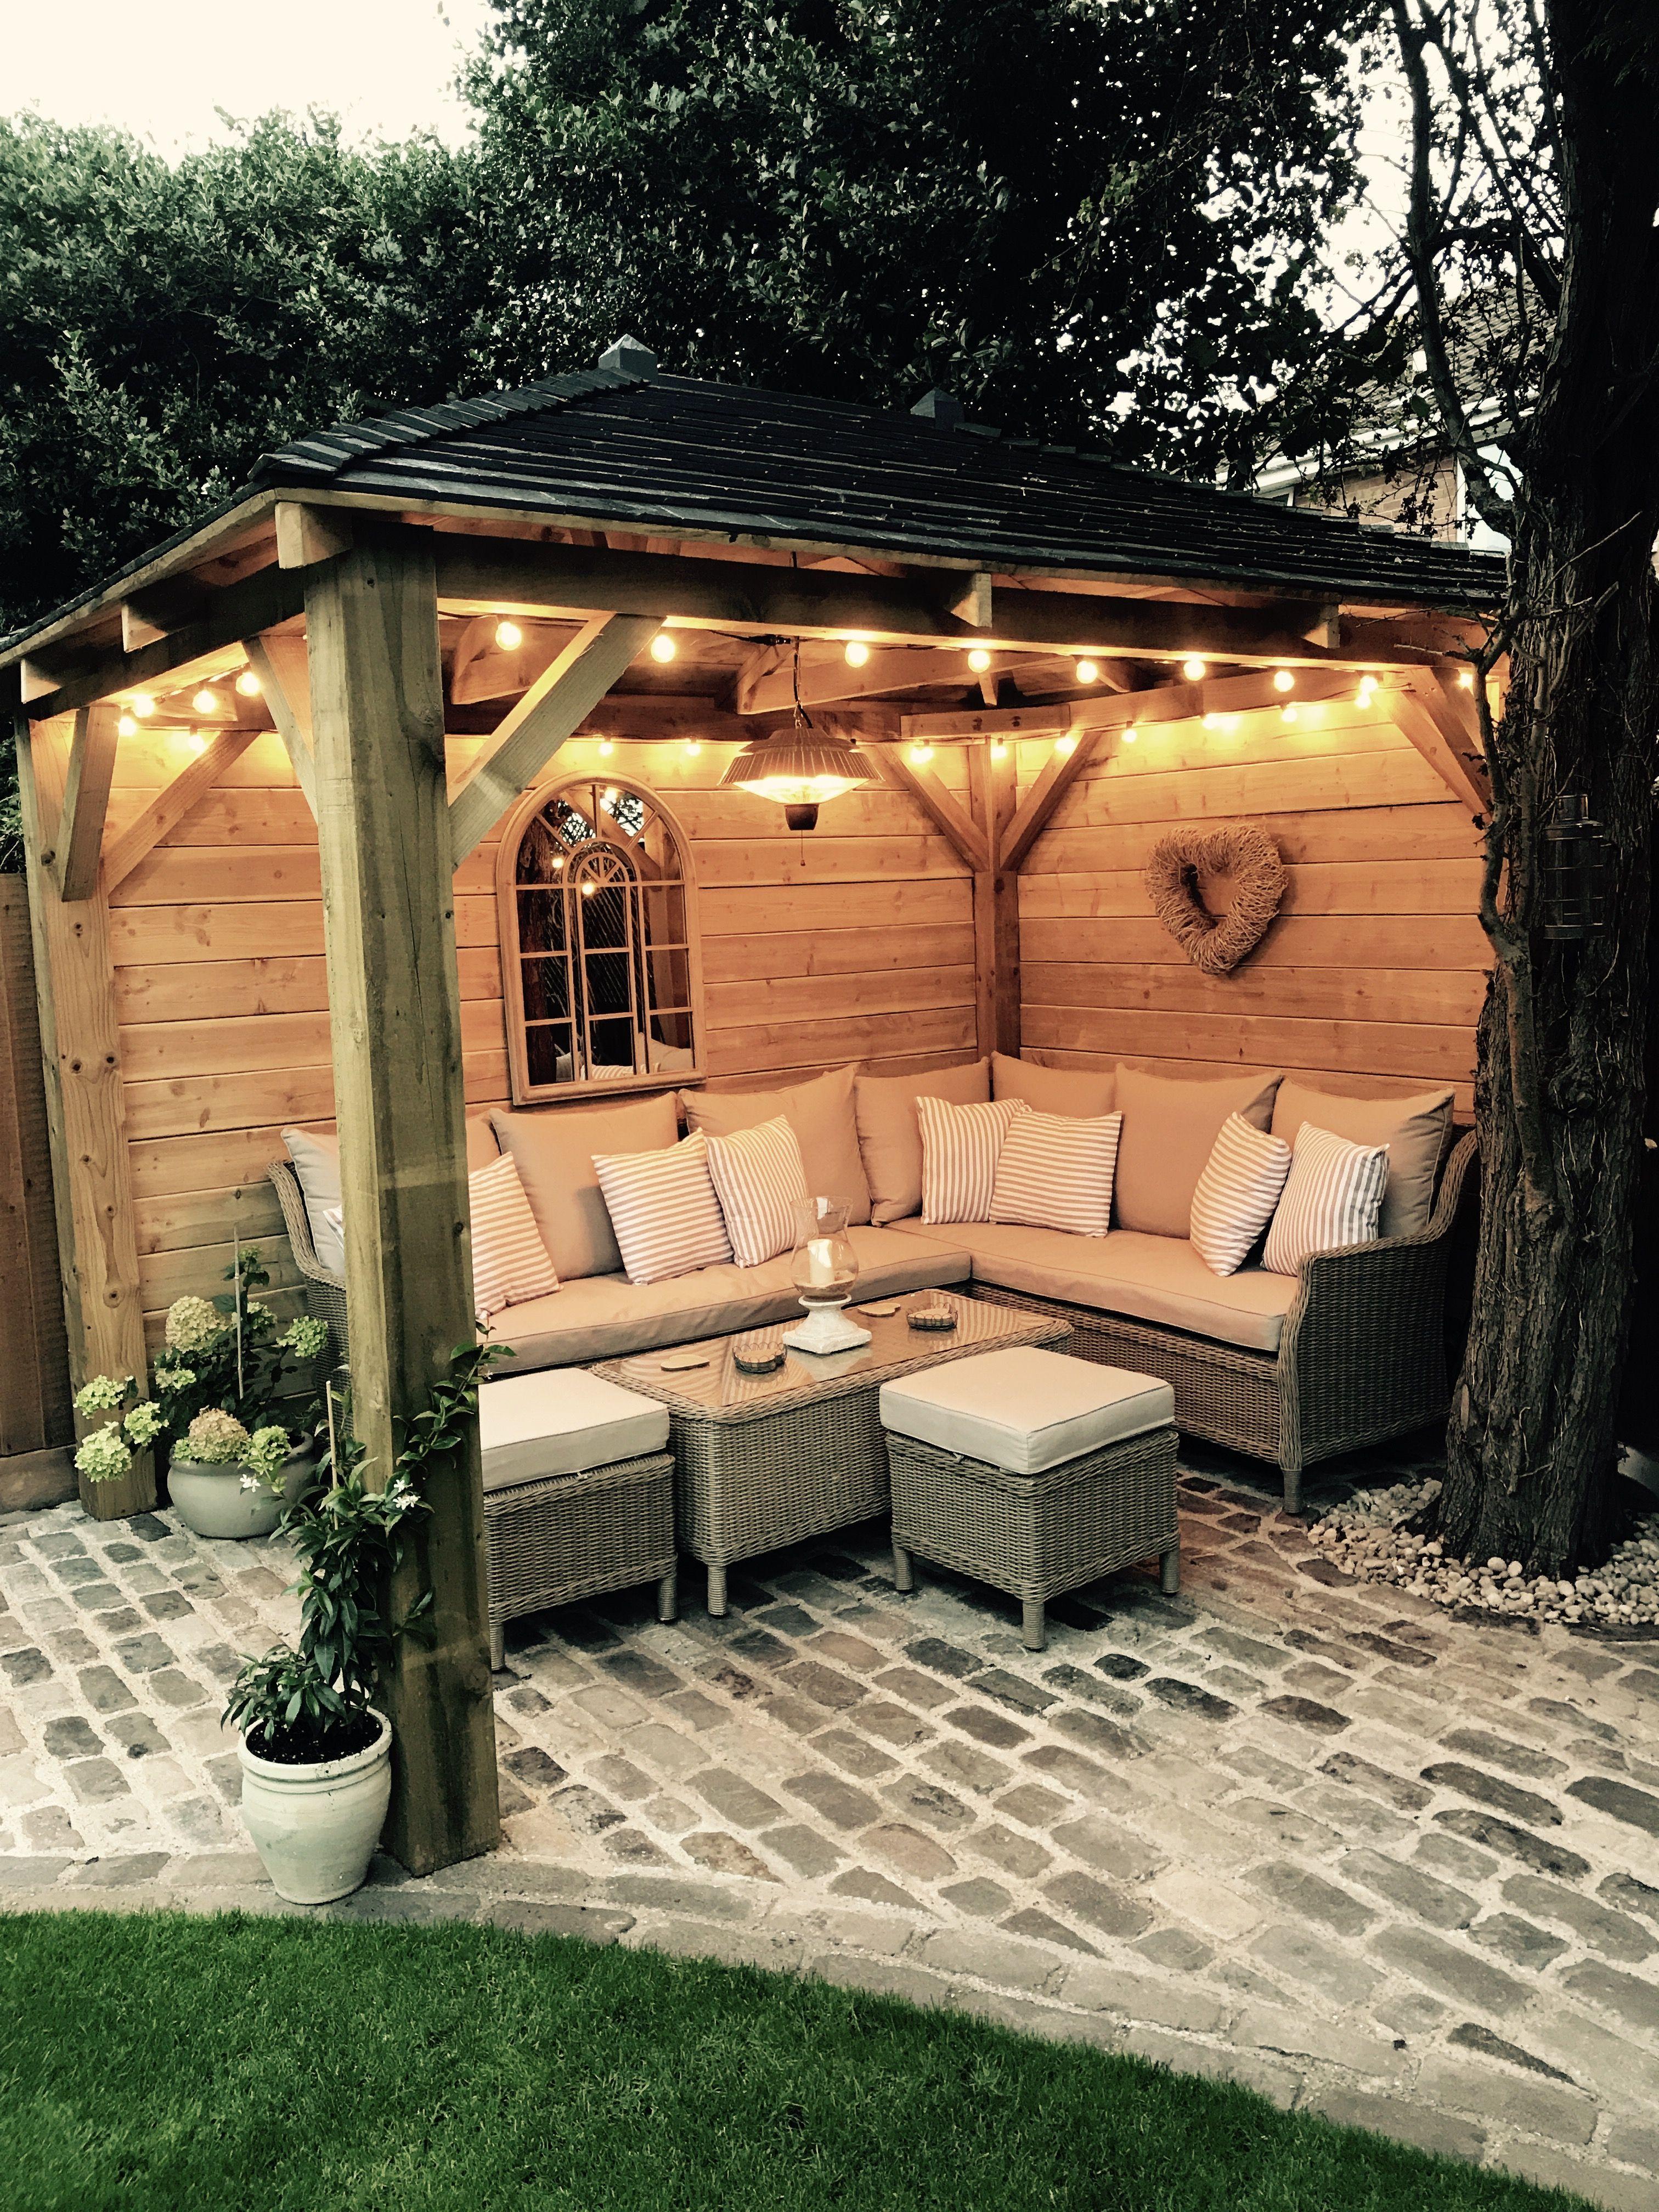 Homemade Wooden Gazebo Cobbles Garden Lights Outdoor Sofa